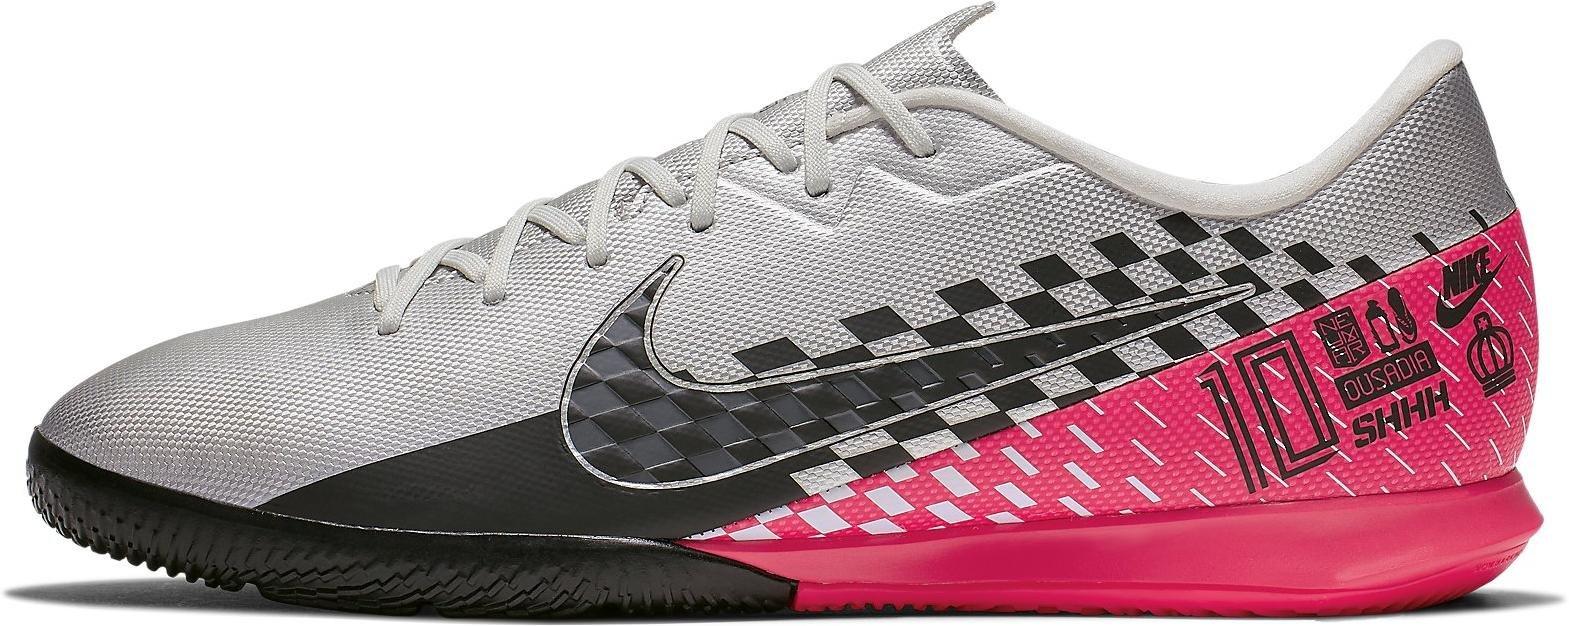 Sálovky Nike VAPOR 13 ACADEMY NJR IC šedá